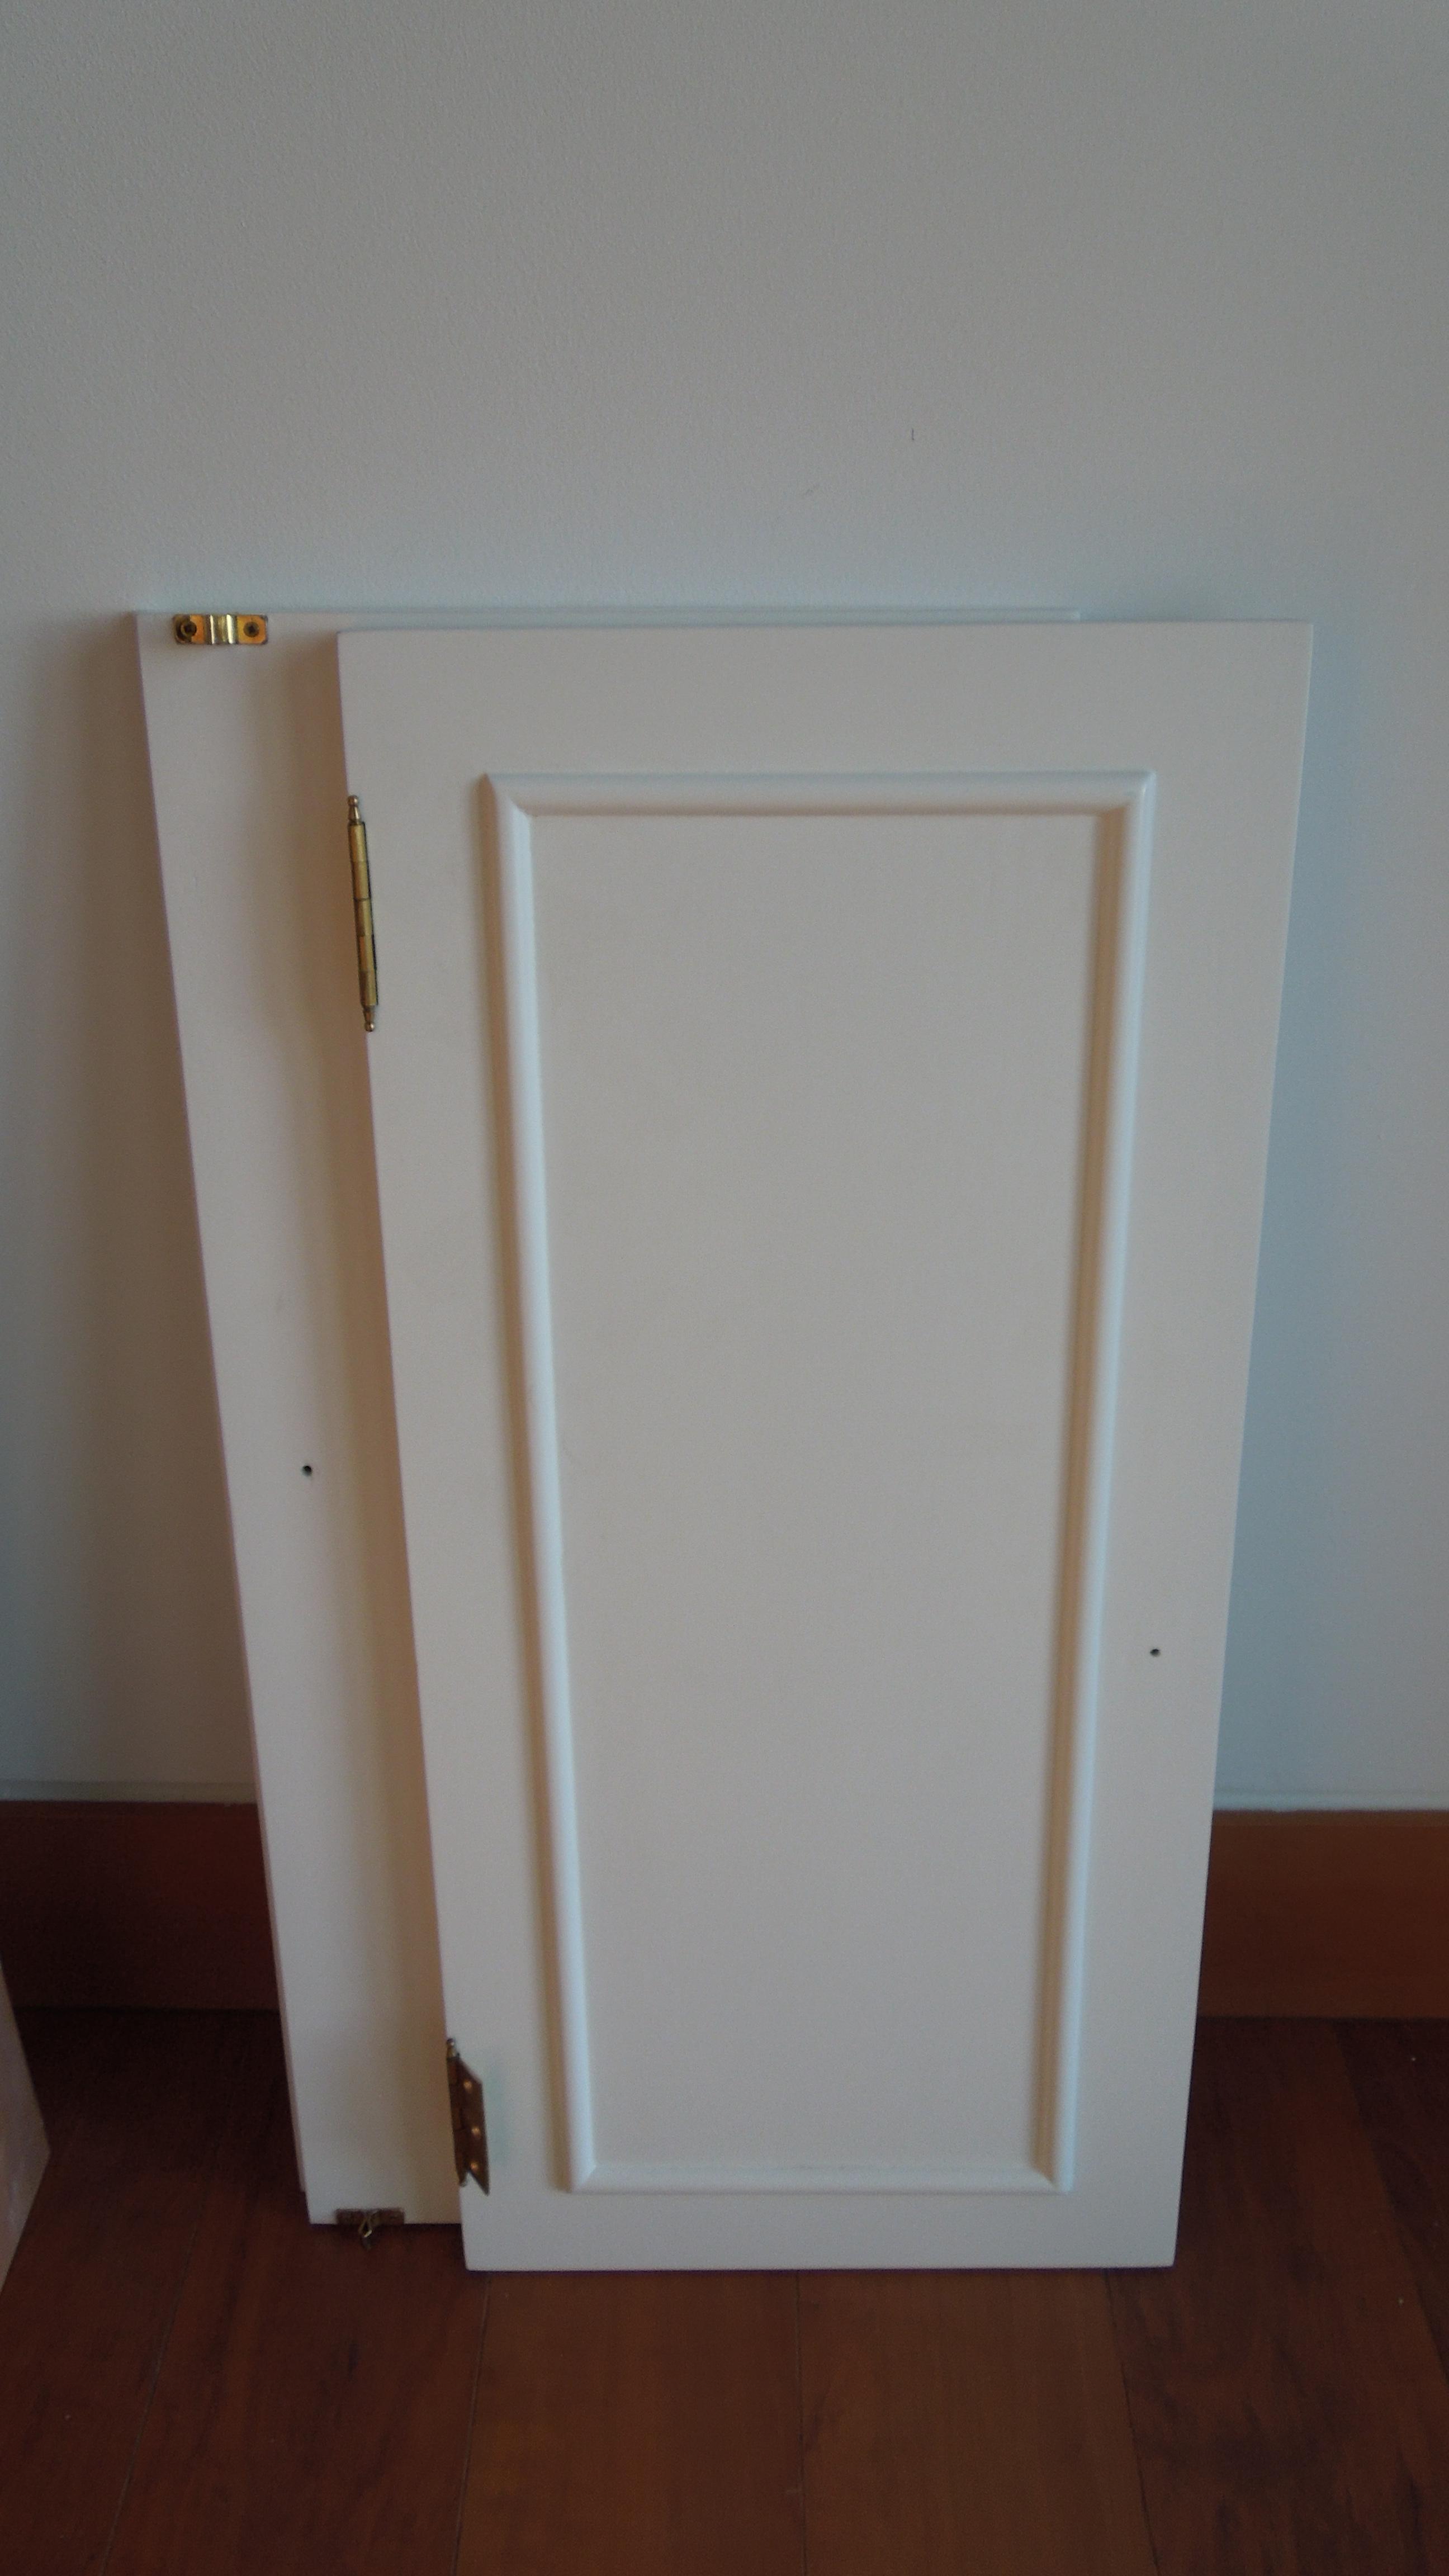 Muebles Restaurados Y Muebles Lacados En Blanco En Avila # Muebles Restaurados En Blanco